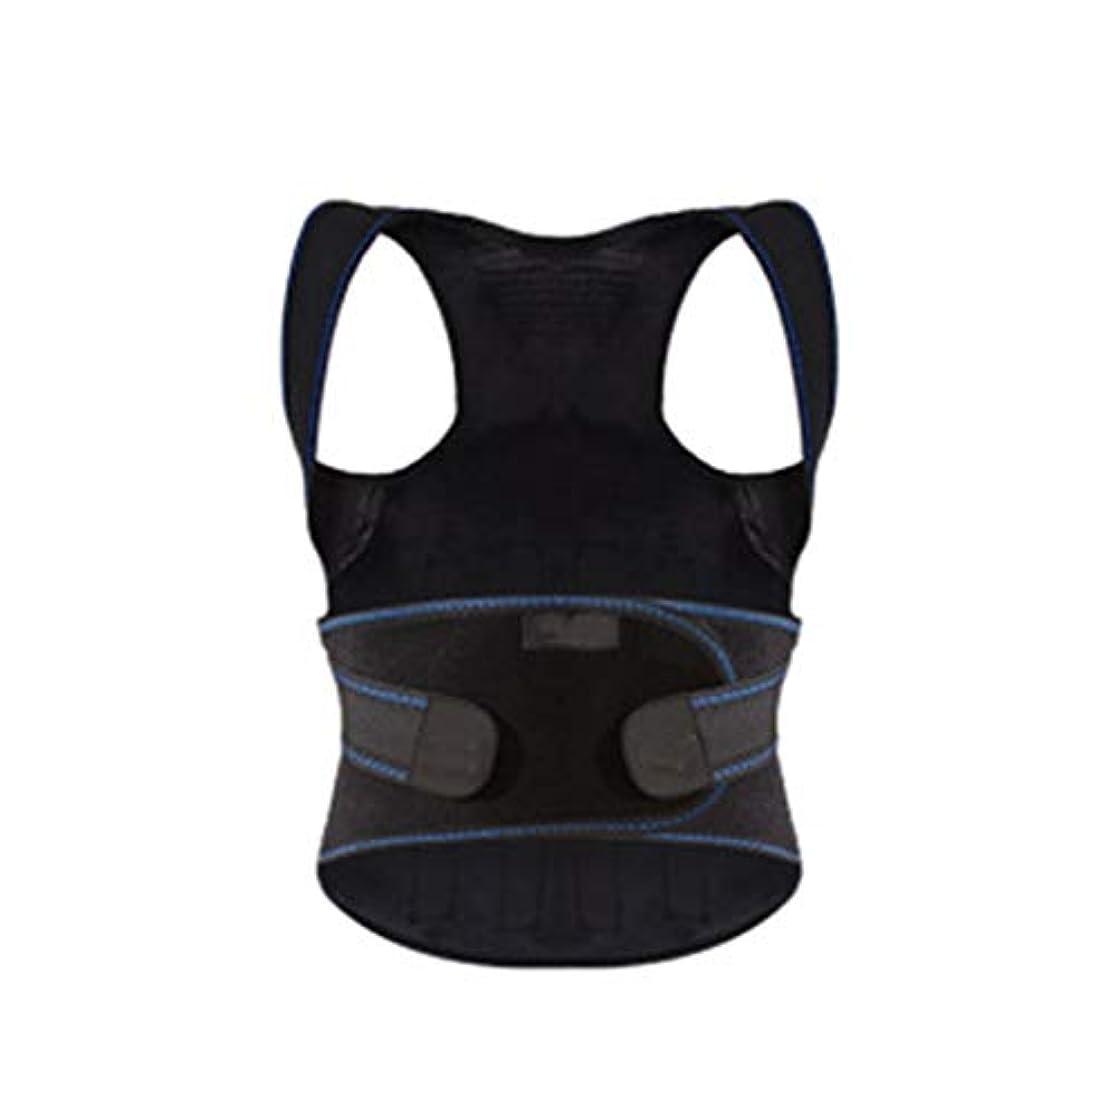 背中の痛み、男性と女性、大人の子供たちのための姿勢矯正、最適に完全に調整可能なサポート、改善された姿勢と腰椎サポート (Color : Blue, Size : M)